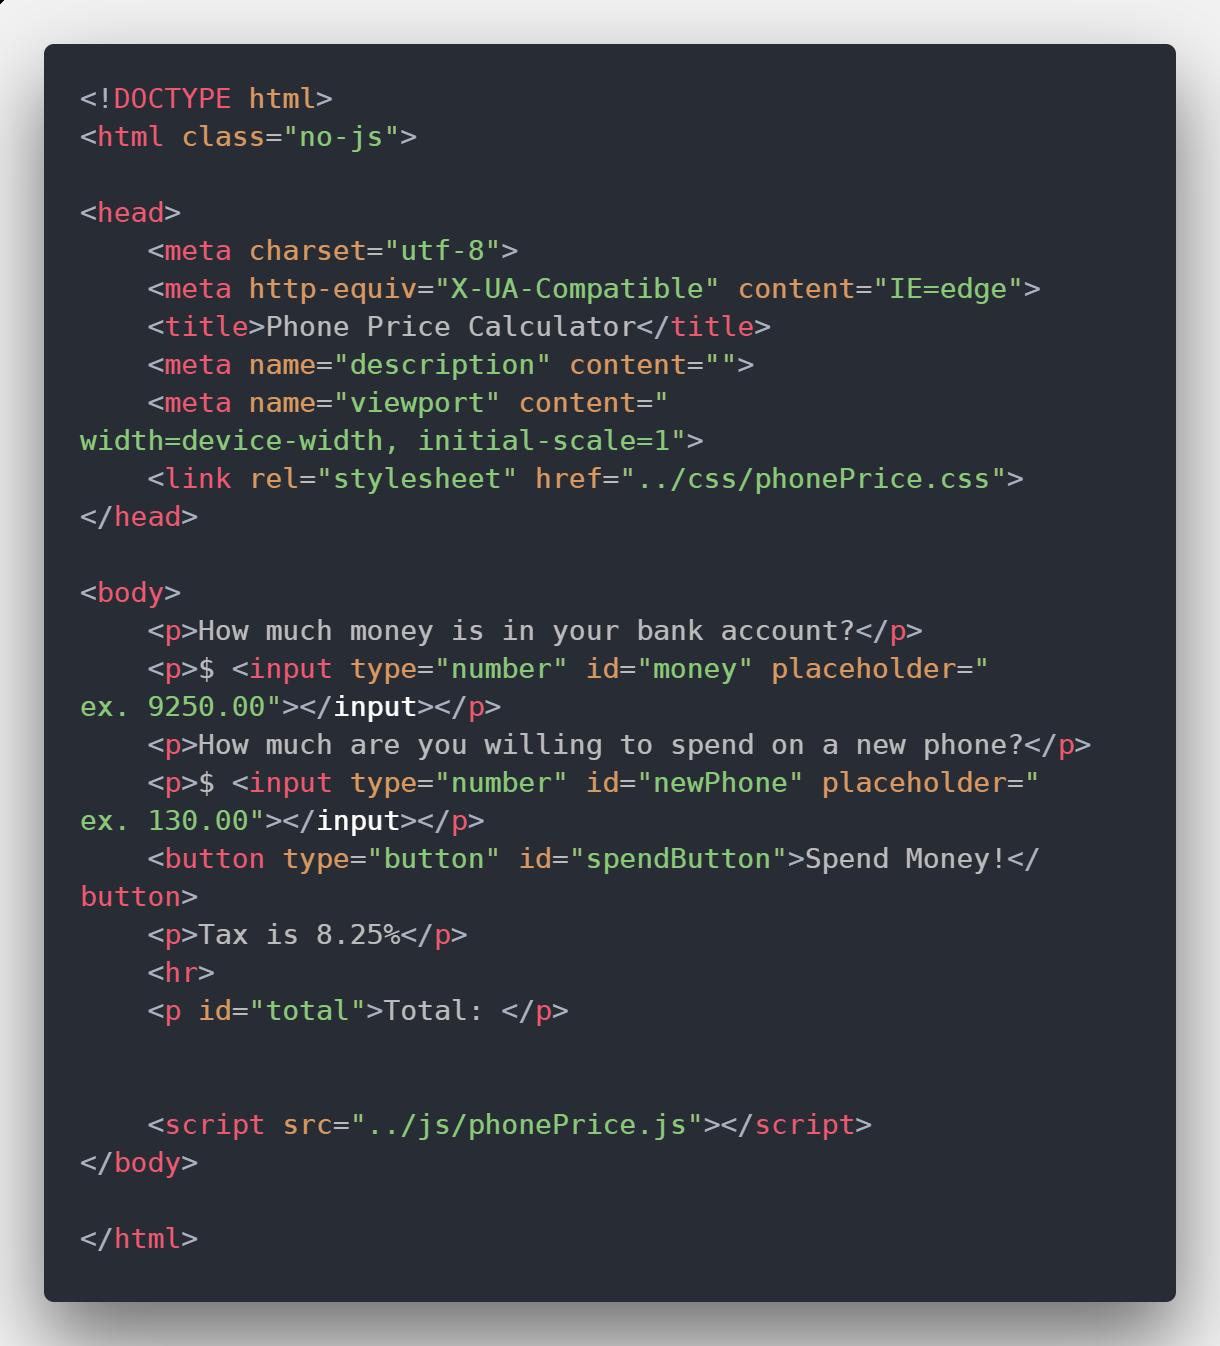 link to an external javascript document